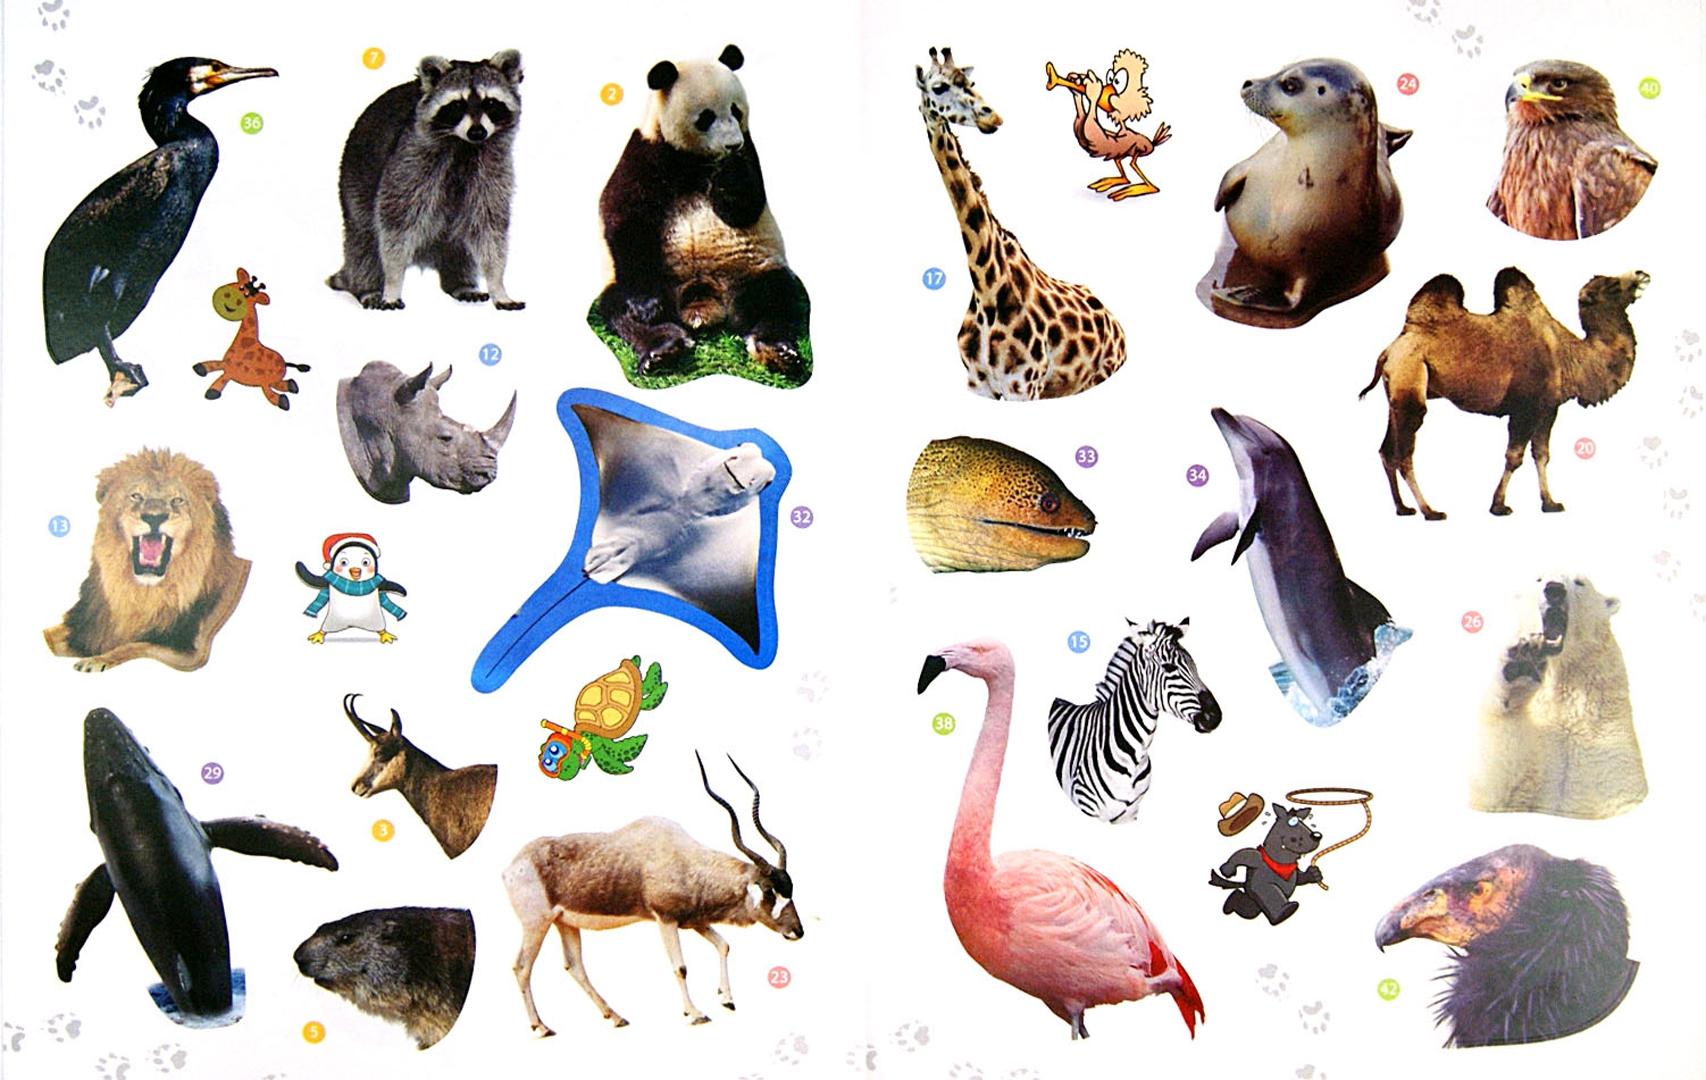 Картинка животных севера и юга